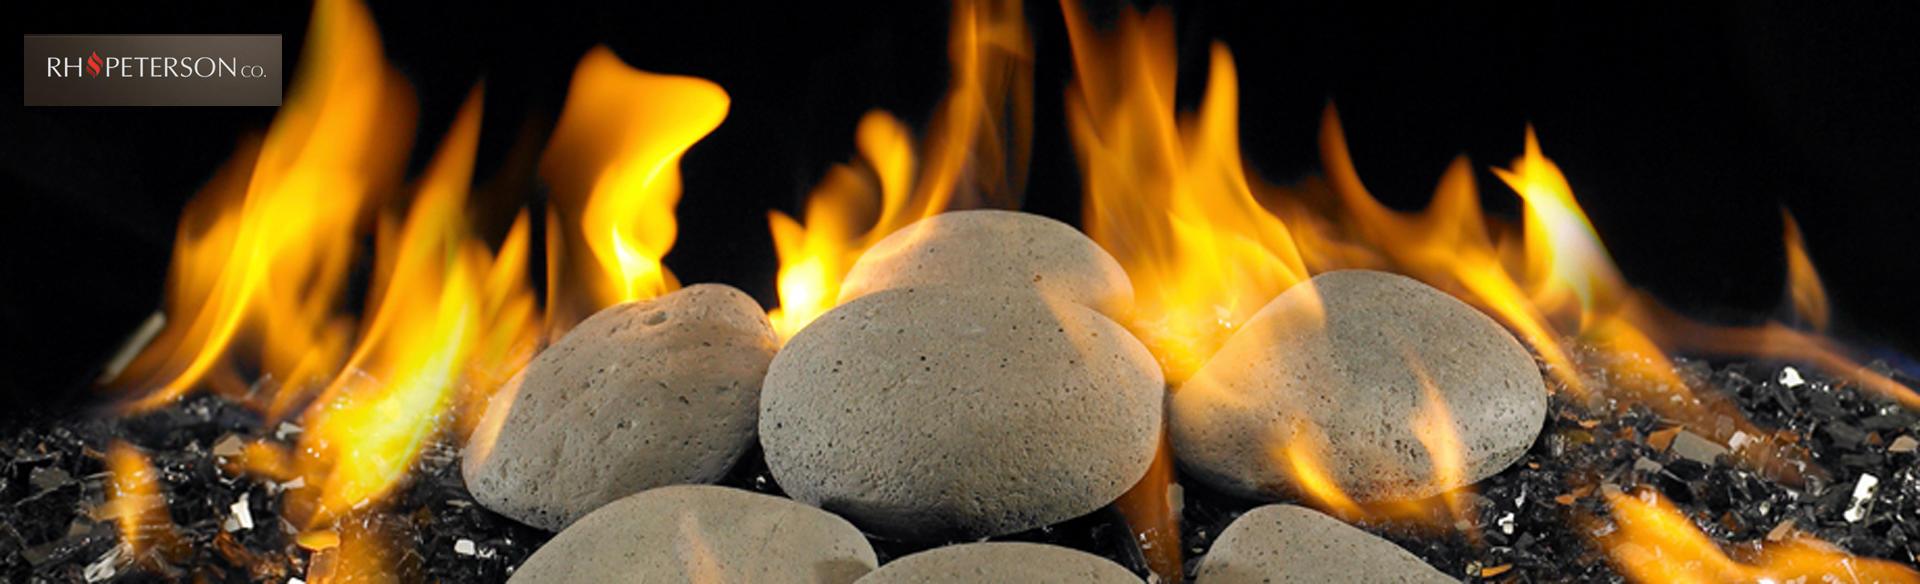 Economy Fireplace image 0